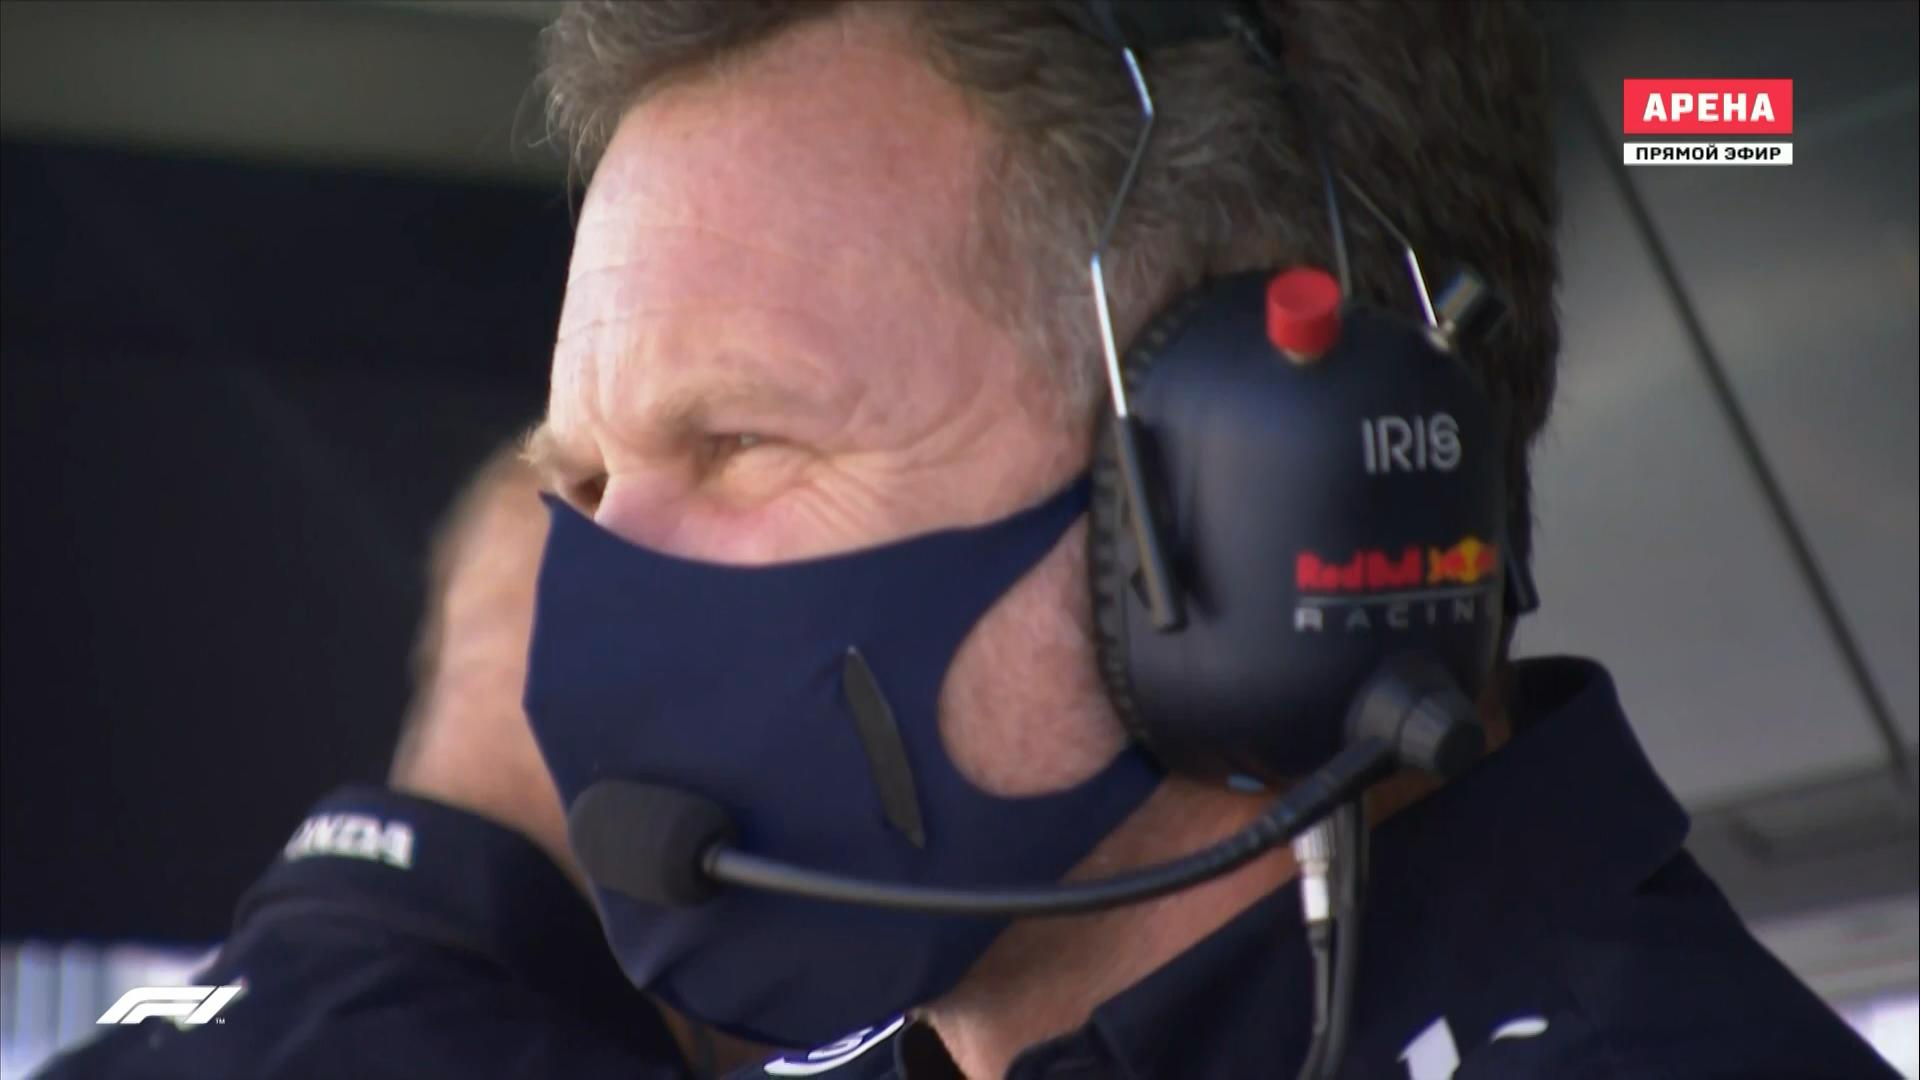 Изображение для Формула 1. Сезон 2021 / Этап 11. Гран-при Венгрии. Практика (2) (30.07.2021) HDTV 1080i (кликните для просмотра полного изображения)